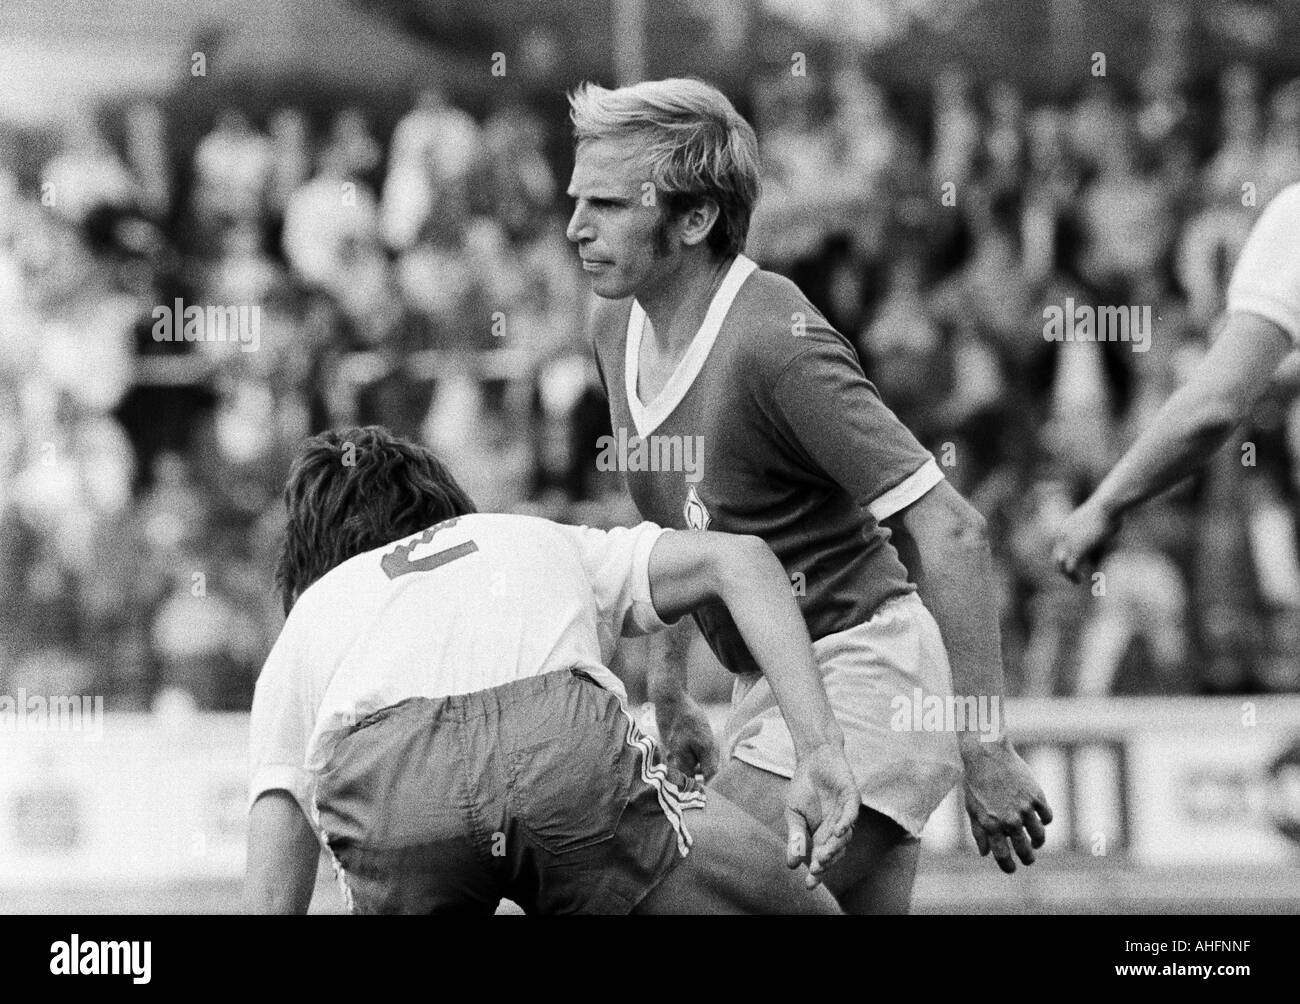 football, Bundesliga, 1971/1972, Rot-Weiss Oberhausen versus Werder Bremen 2:2, Niederrhein Stadium in Oberhausen, scene of the match, Gerd Woermer (RWO) left and Werner Goerts (Bremen) - Stock Image